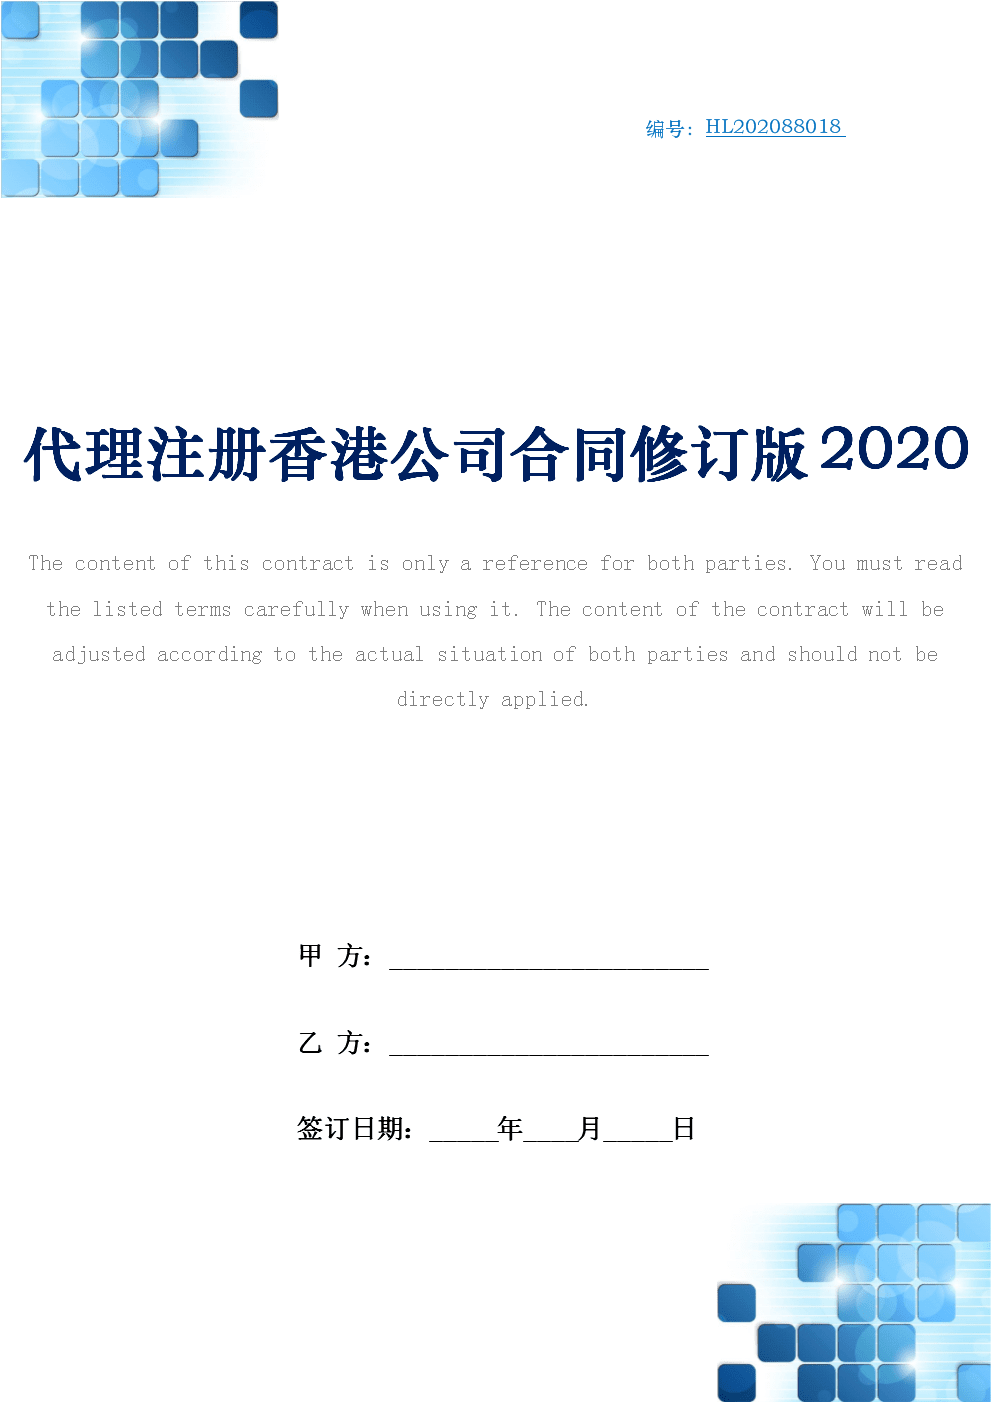 代理注册香港公司合同修订版2020.docx